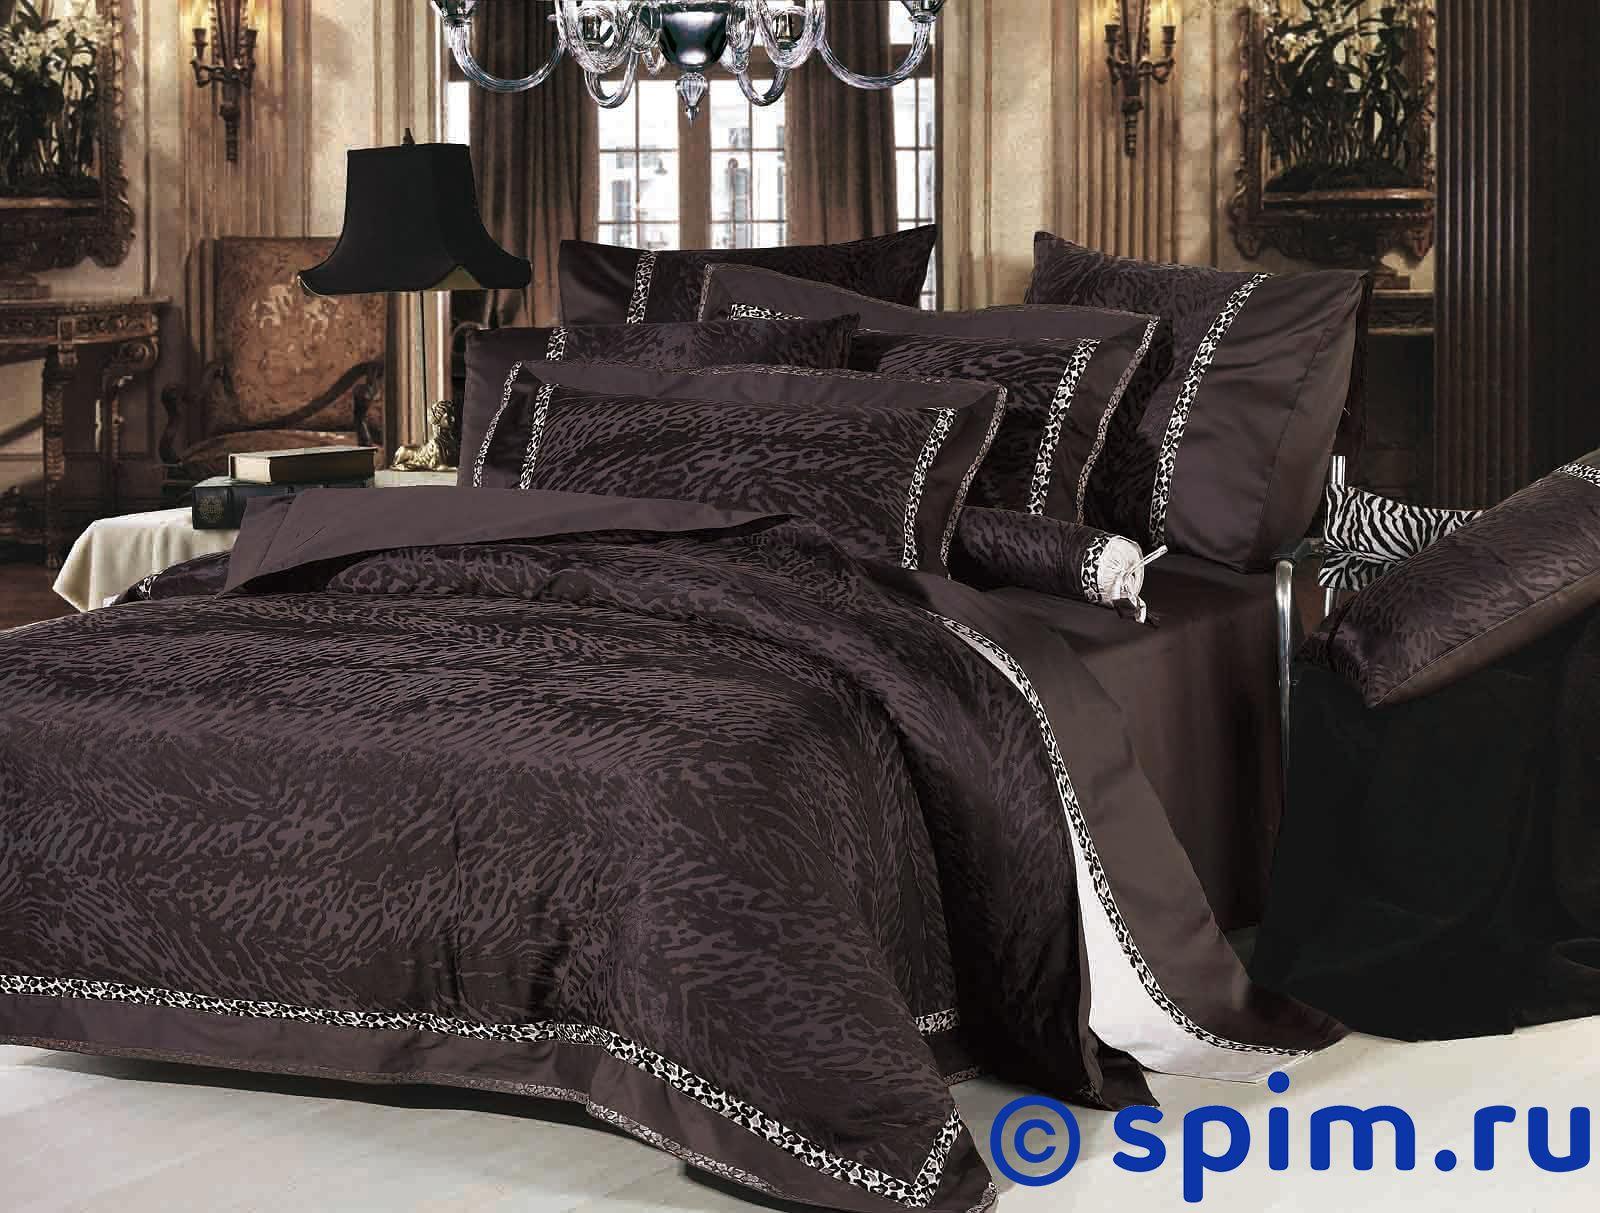 Комплект Asabella 592 Евро-стандартЖаккардовое постельное белье Asabella<br>Состав: верх пододеяльника и наволочек - жаккардовый люкс-сатин (55% вискоза, 45% хлопок). Оборотная сторона пододеяльника, наволочек и простыня – люкс-сатин (100% хлопок). Размер : Евро-стандарт<br><br>Размер: Евро-стандарт